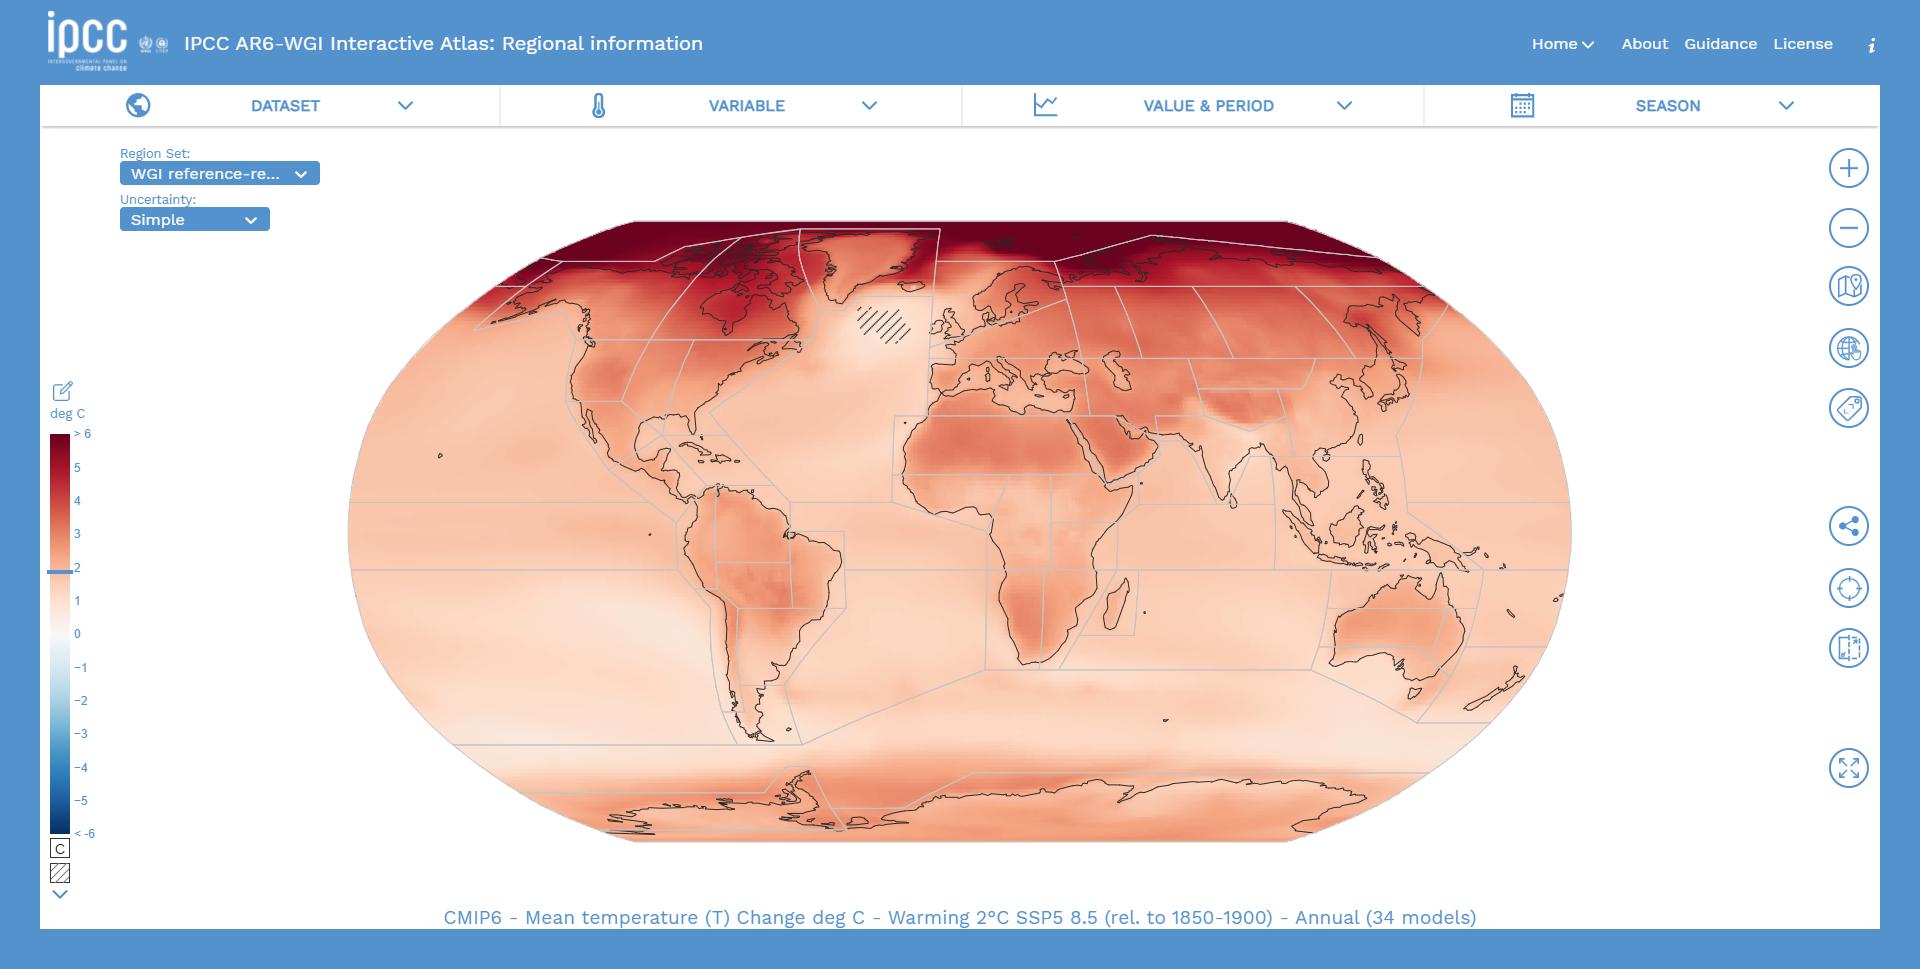 imagen de El Atlas sintetiza todos los cambios climáticos utilizando 46 regiones de tierra y 12 oceánicas. / IPCC